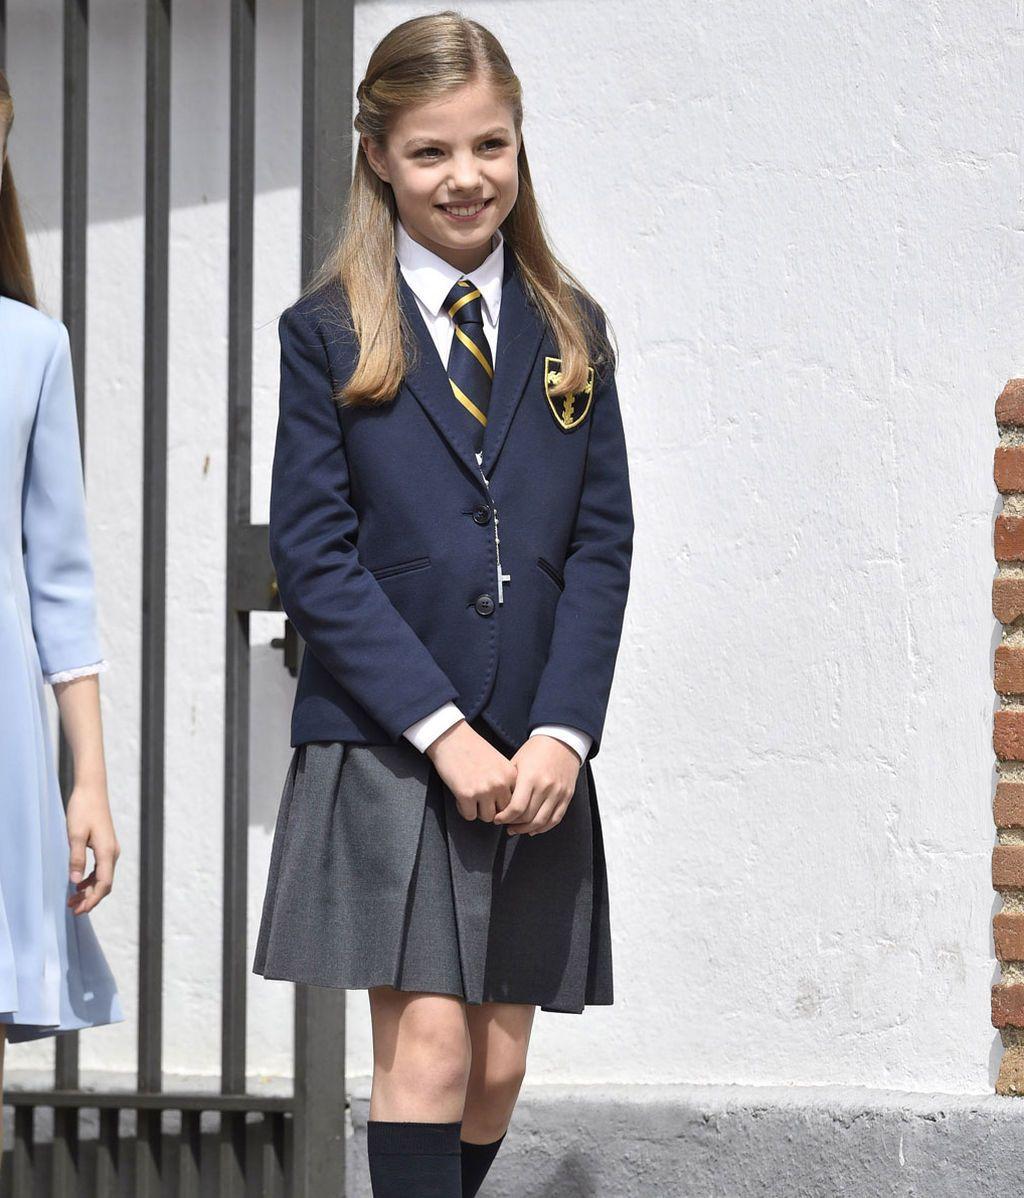 La Infanta ha vestido el uniforme de gala del colegio